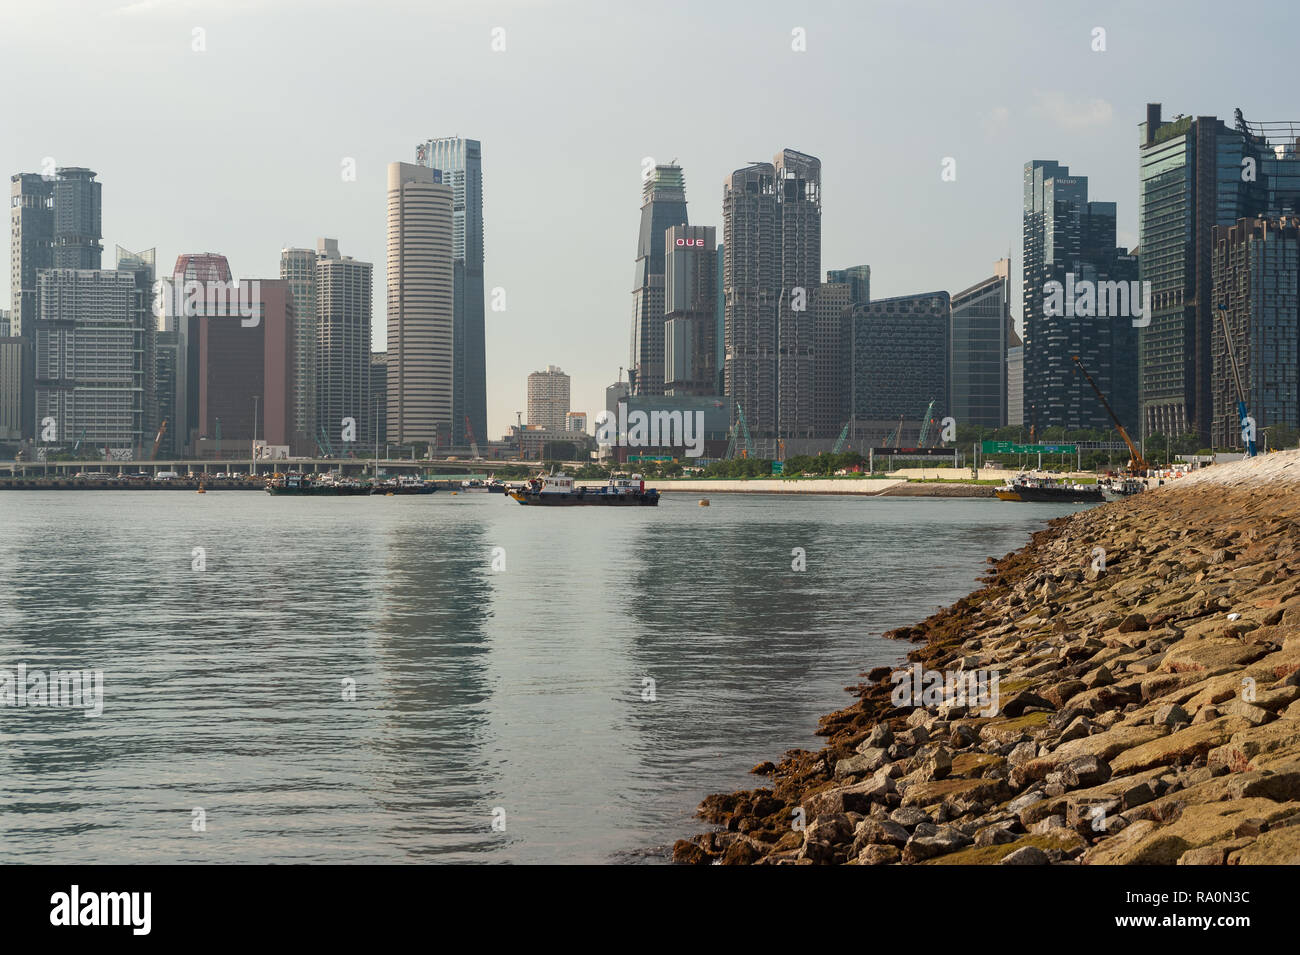 22.11.2018, Singapur, Republik Singapur, Asien - Ein Blick auf die modernen Wolkenkratzer im stetig wachsenden Geschaeftsviertel von Marina Bay, wie e - Stock Image